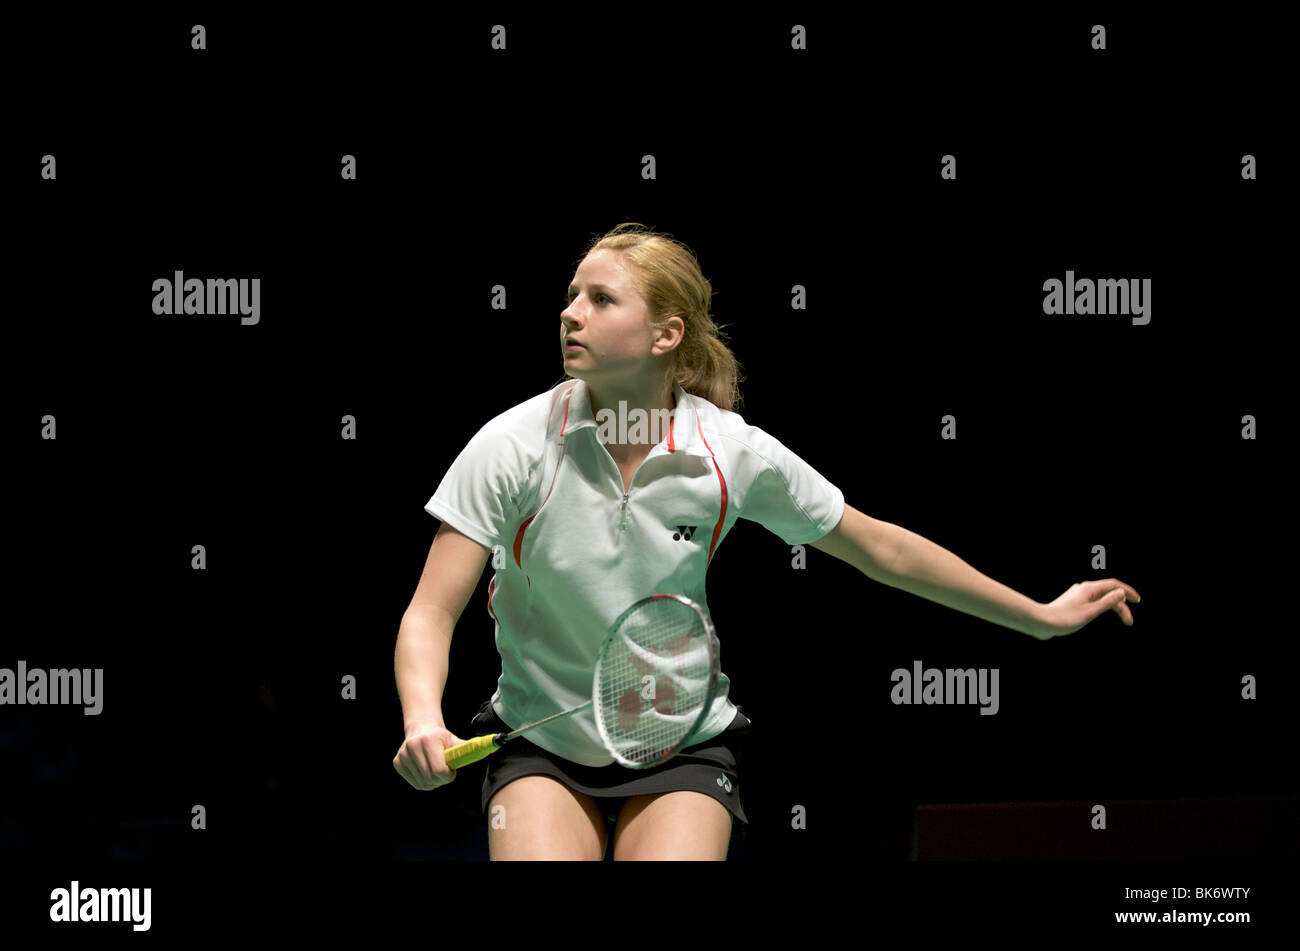 Anna Narel se prépare à recevoir un service au Badminton Championships en 2010 Mancester Photo Stock